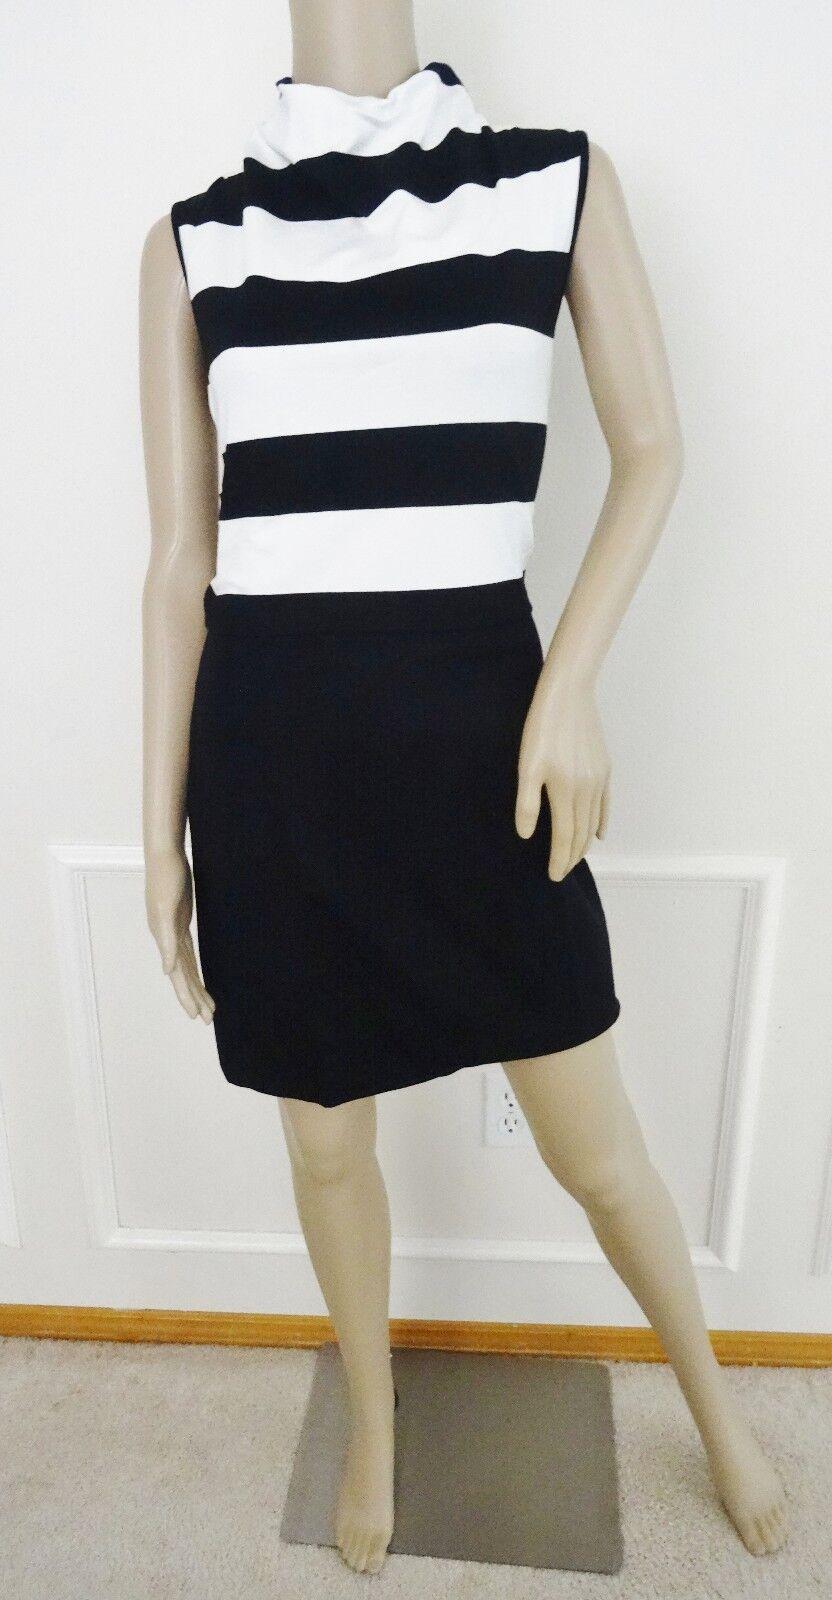 Nuevo con etiquetas etiquetas etiquetas French Connection Polca Plains Stripe Jersey popover del vestido SZ 12 Negro blancoo 690609